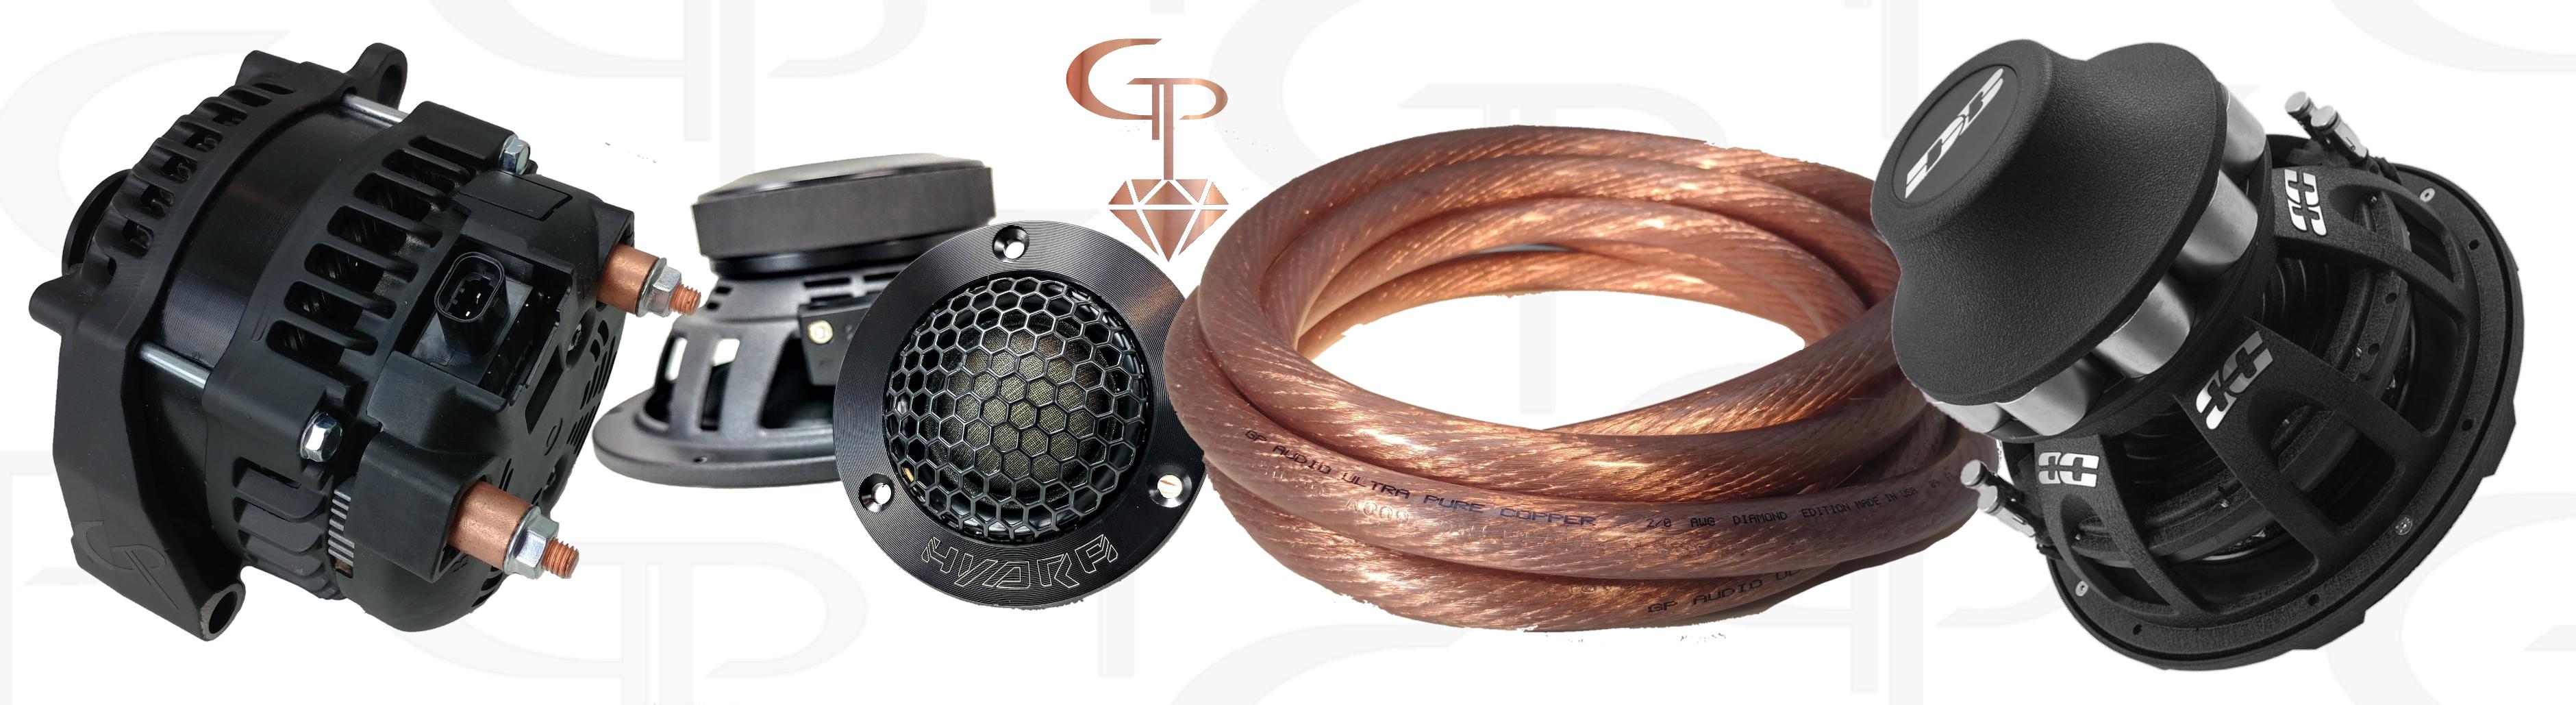 gp car audio ground \u0026 power ground pounder